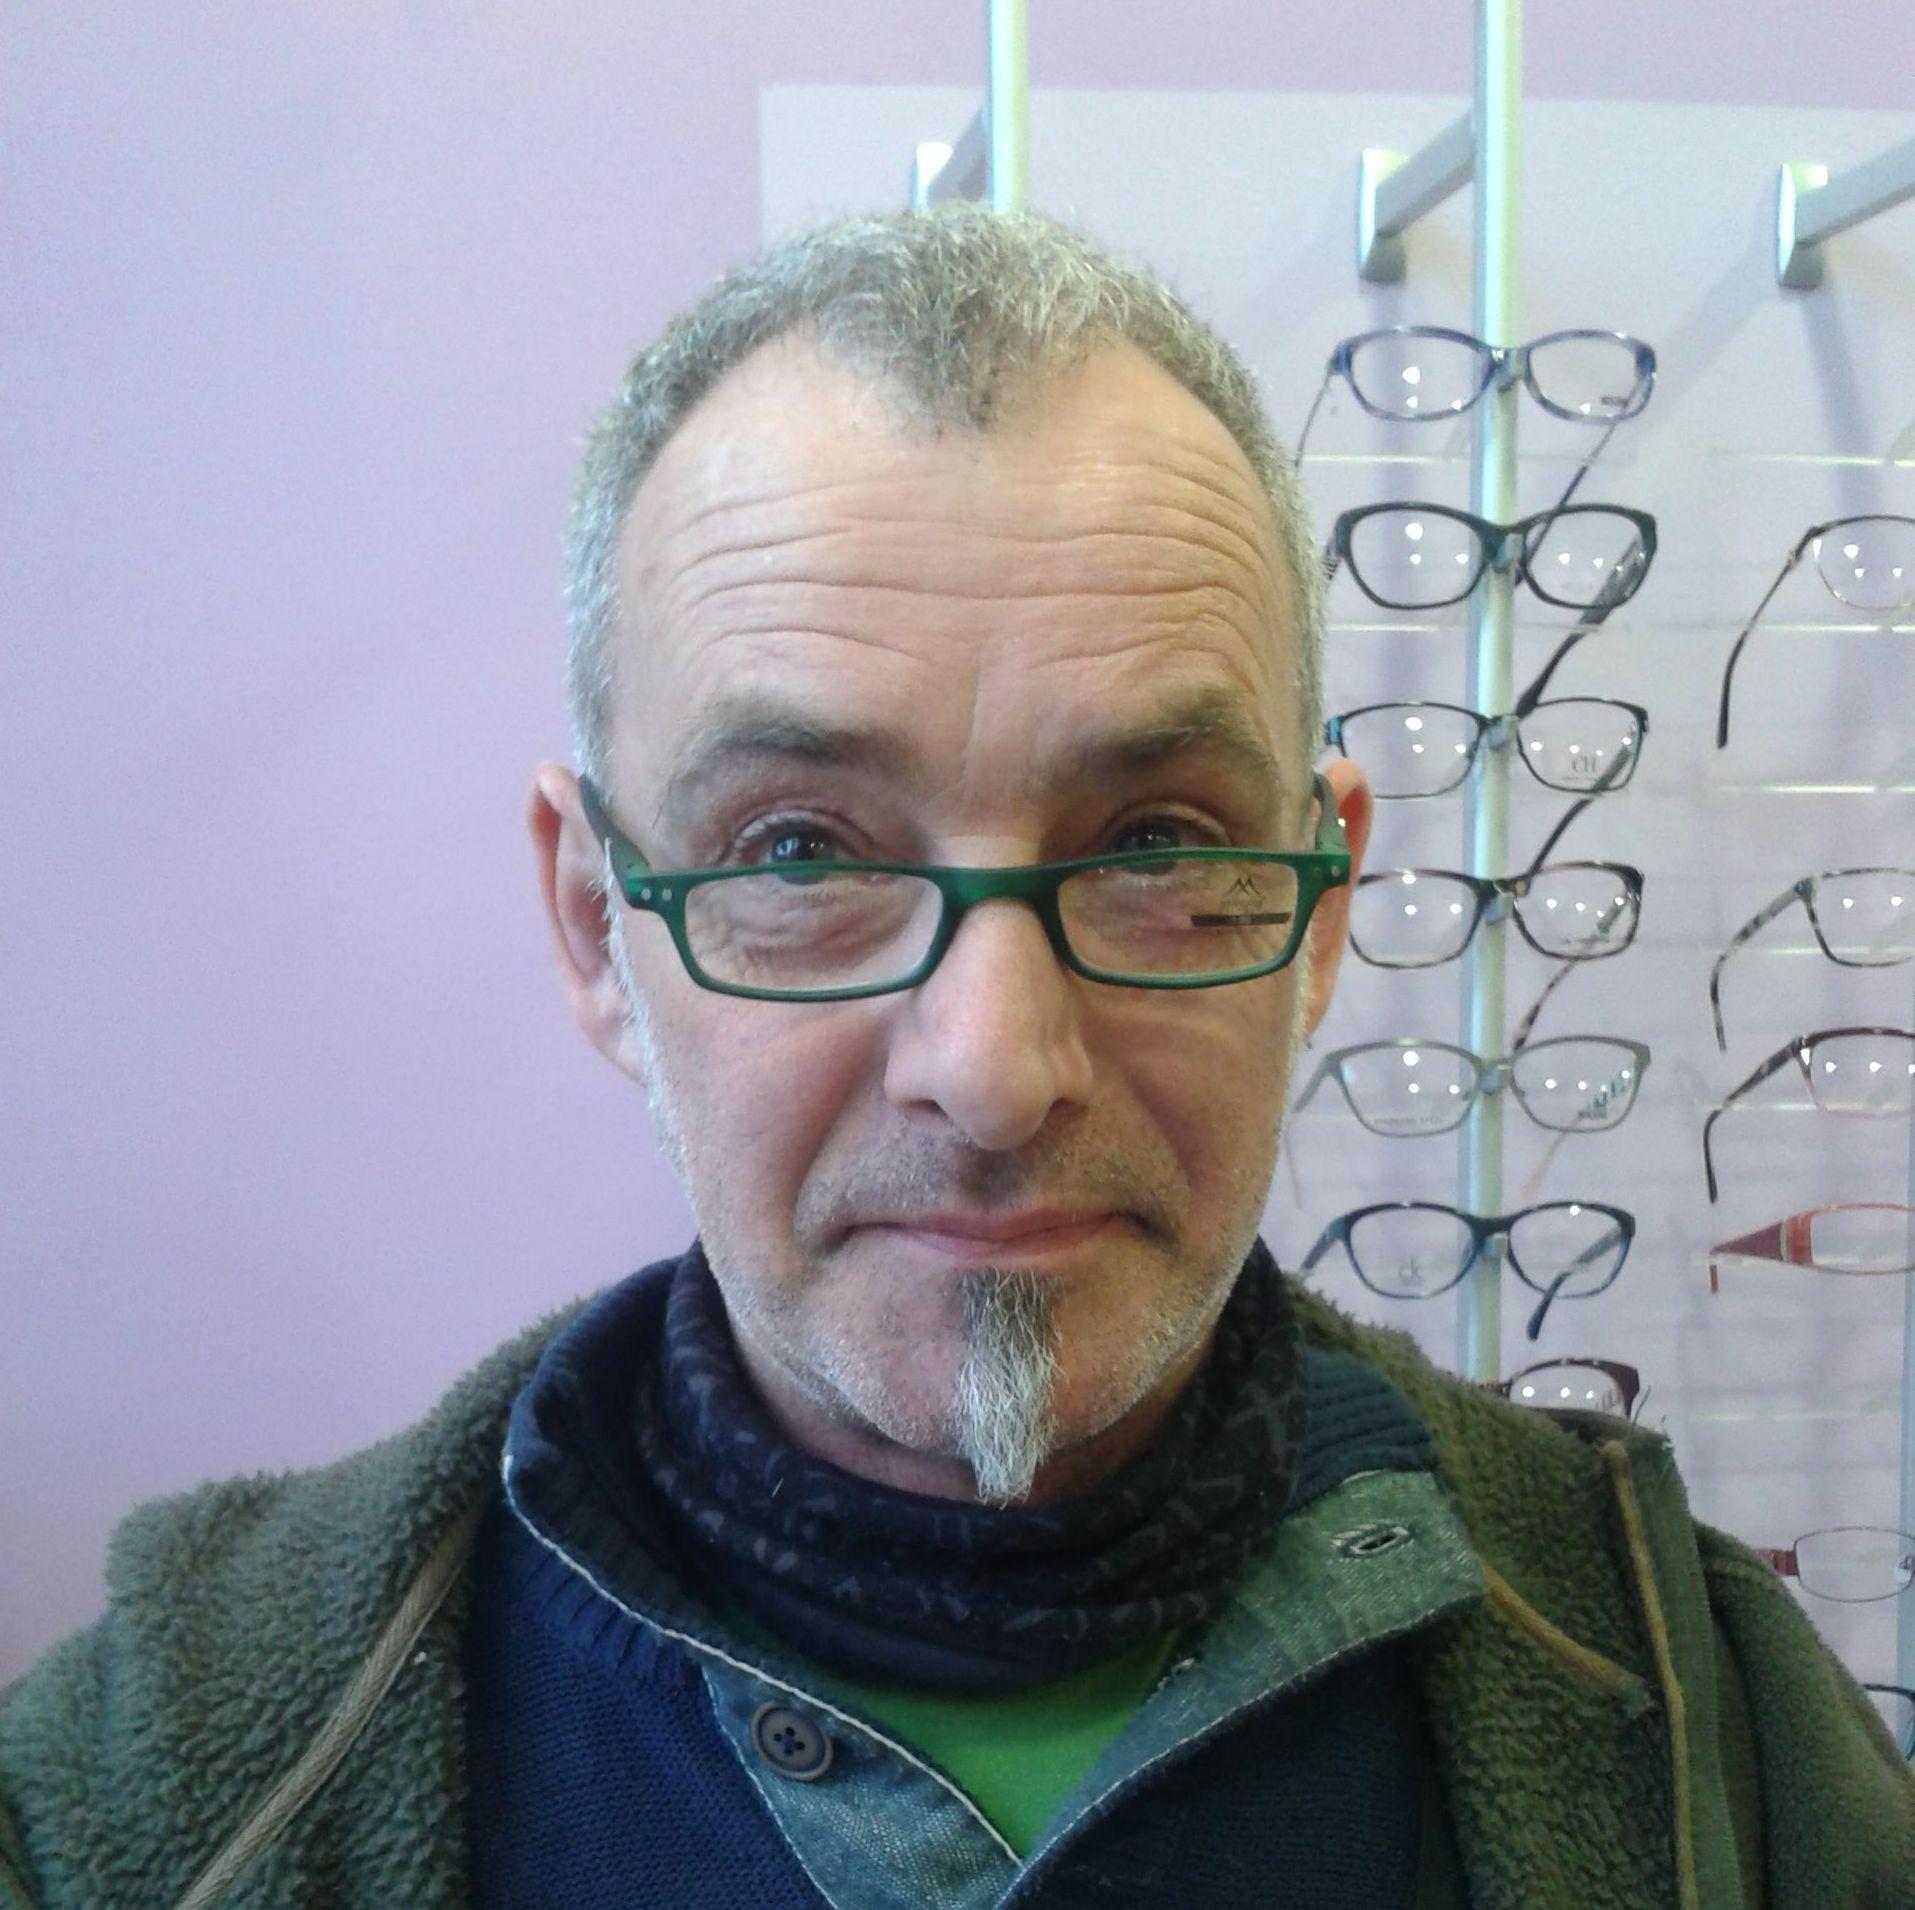 Gafas grdauadas de diferentes modelos